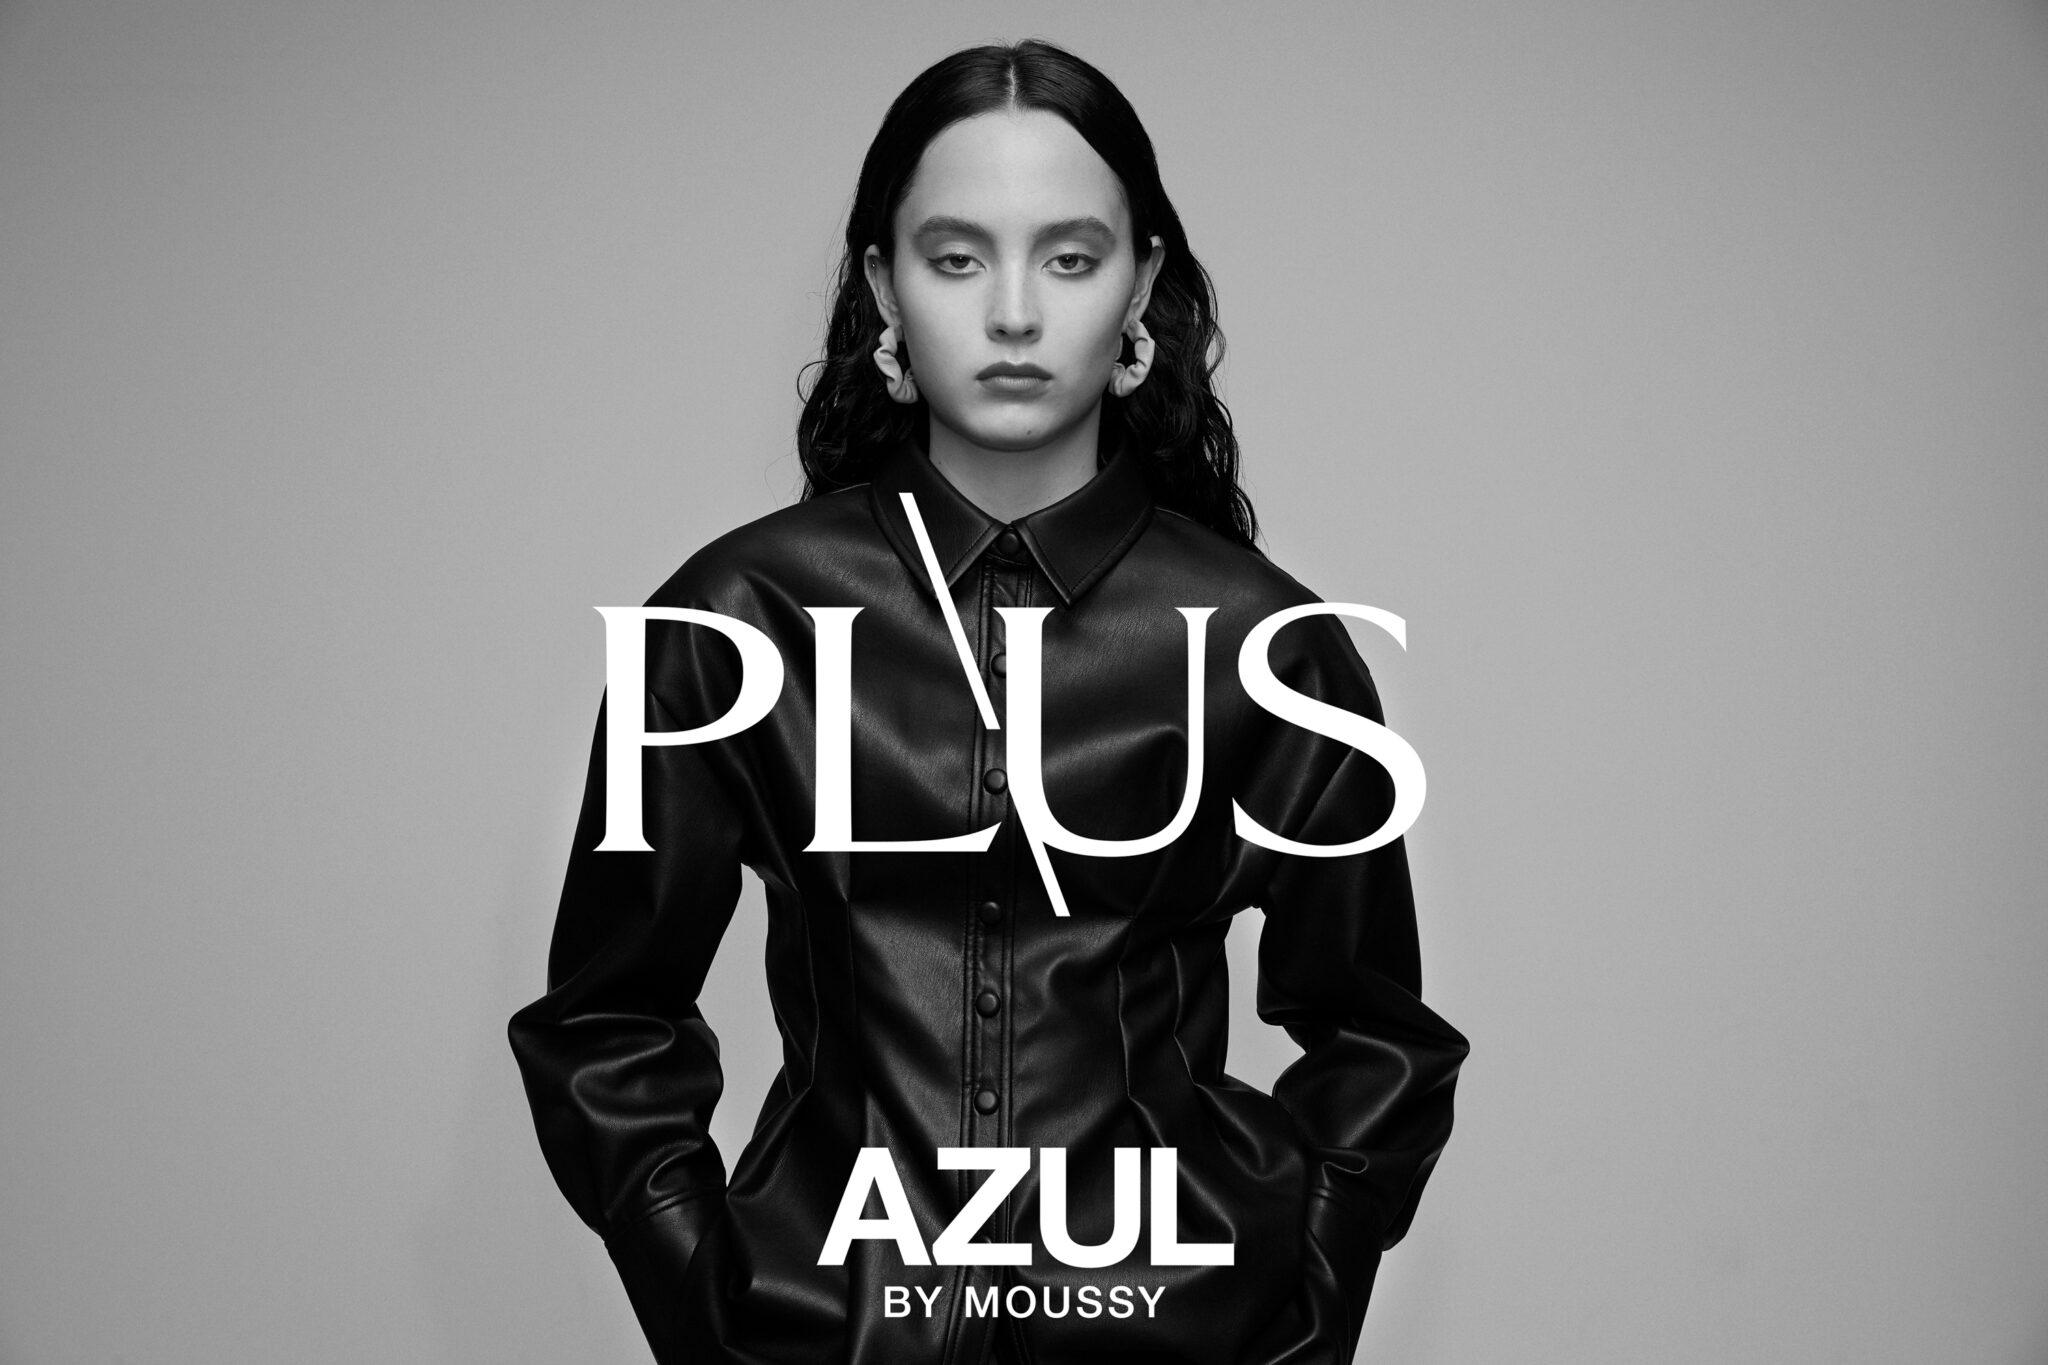 AZUL BY MOUSSYから、ハイコスパ&気分があがるNEWライン「PLUS」